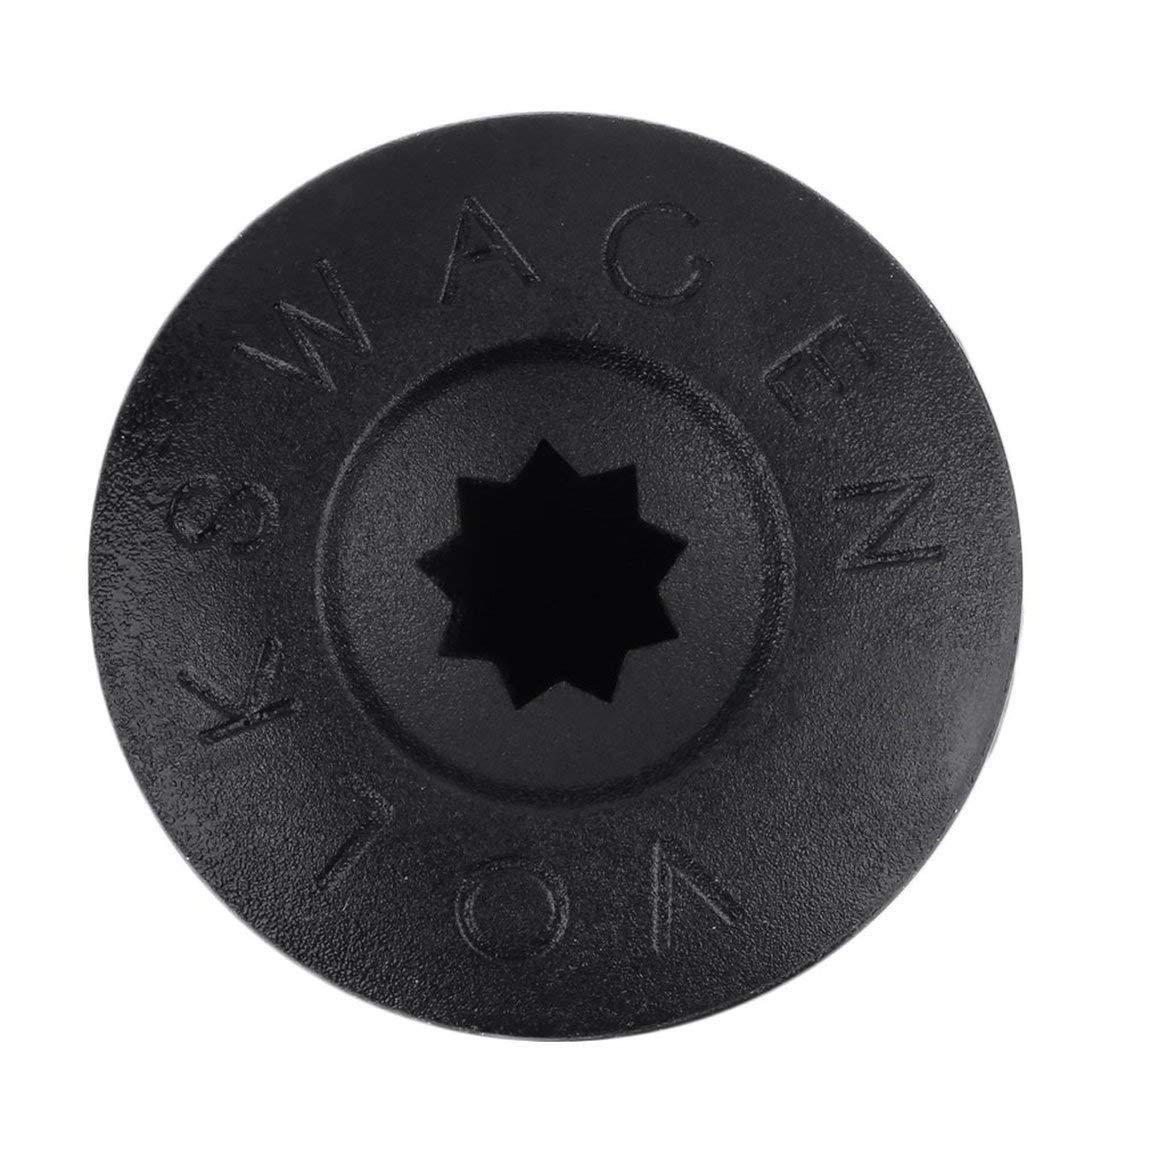 73JohnPol 20Pcs ABS Pl/ástico Veh/ículo Tuerca Auto Perno Cubierta Tapa Rueda de Coche Tuerca Perno Cubierta Tapa 17mm Negro Grabado para VW Hub Color: Negro